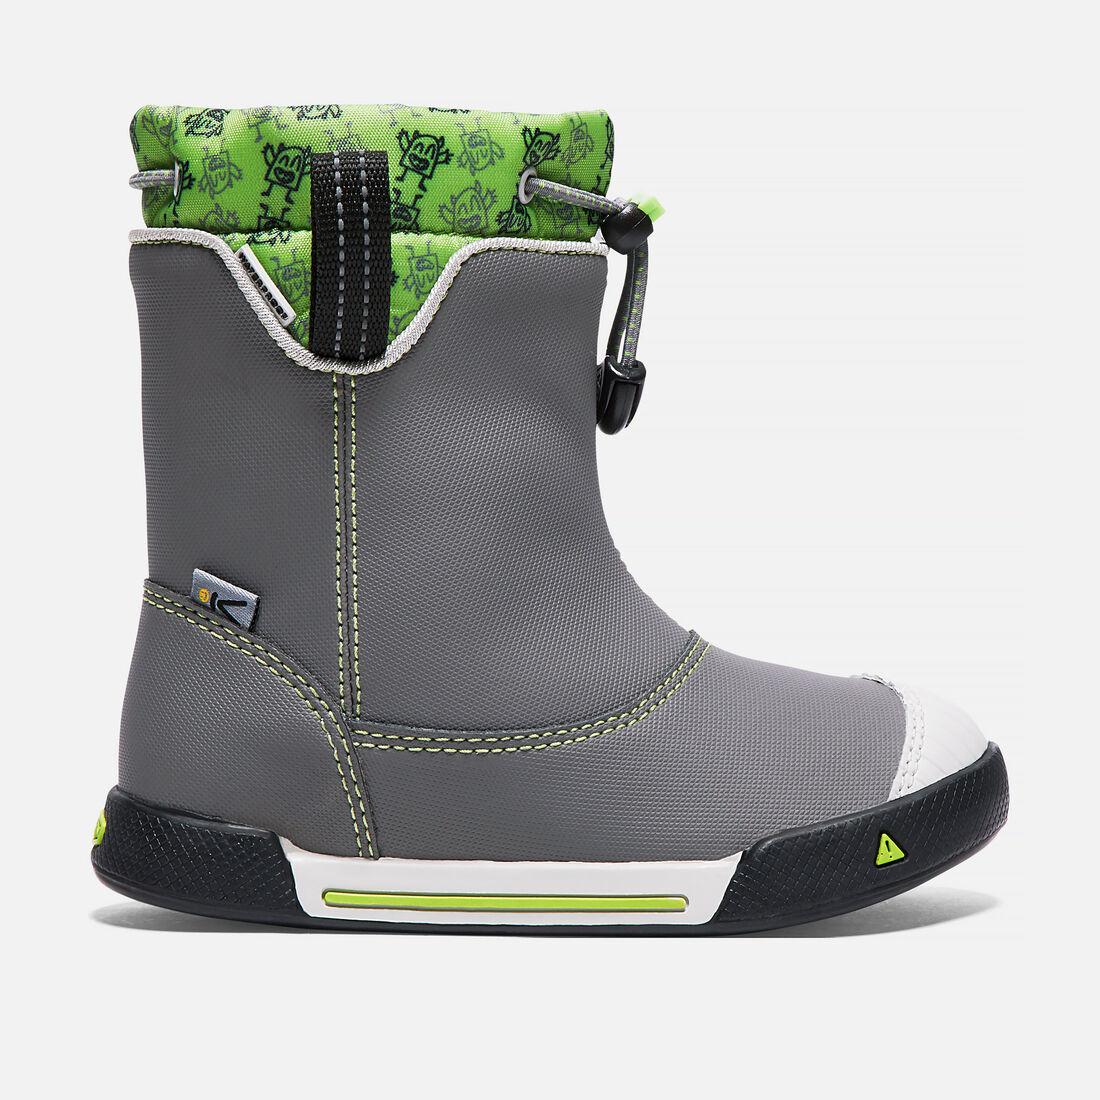 Little Kids' Encanto Waterproof Boot in Gargoyle/Greenery - large view.